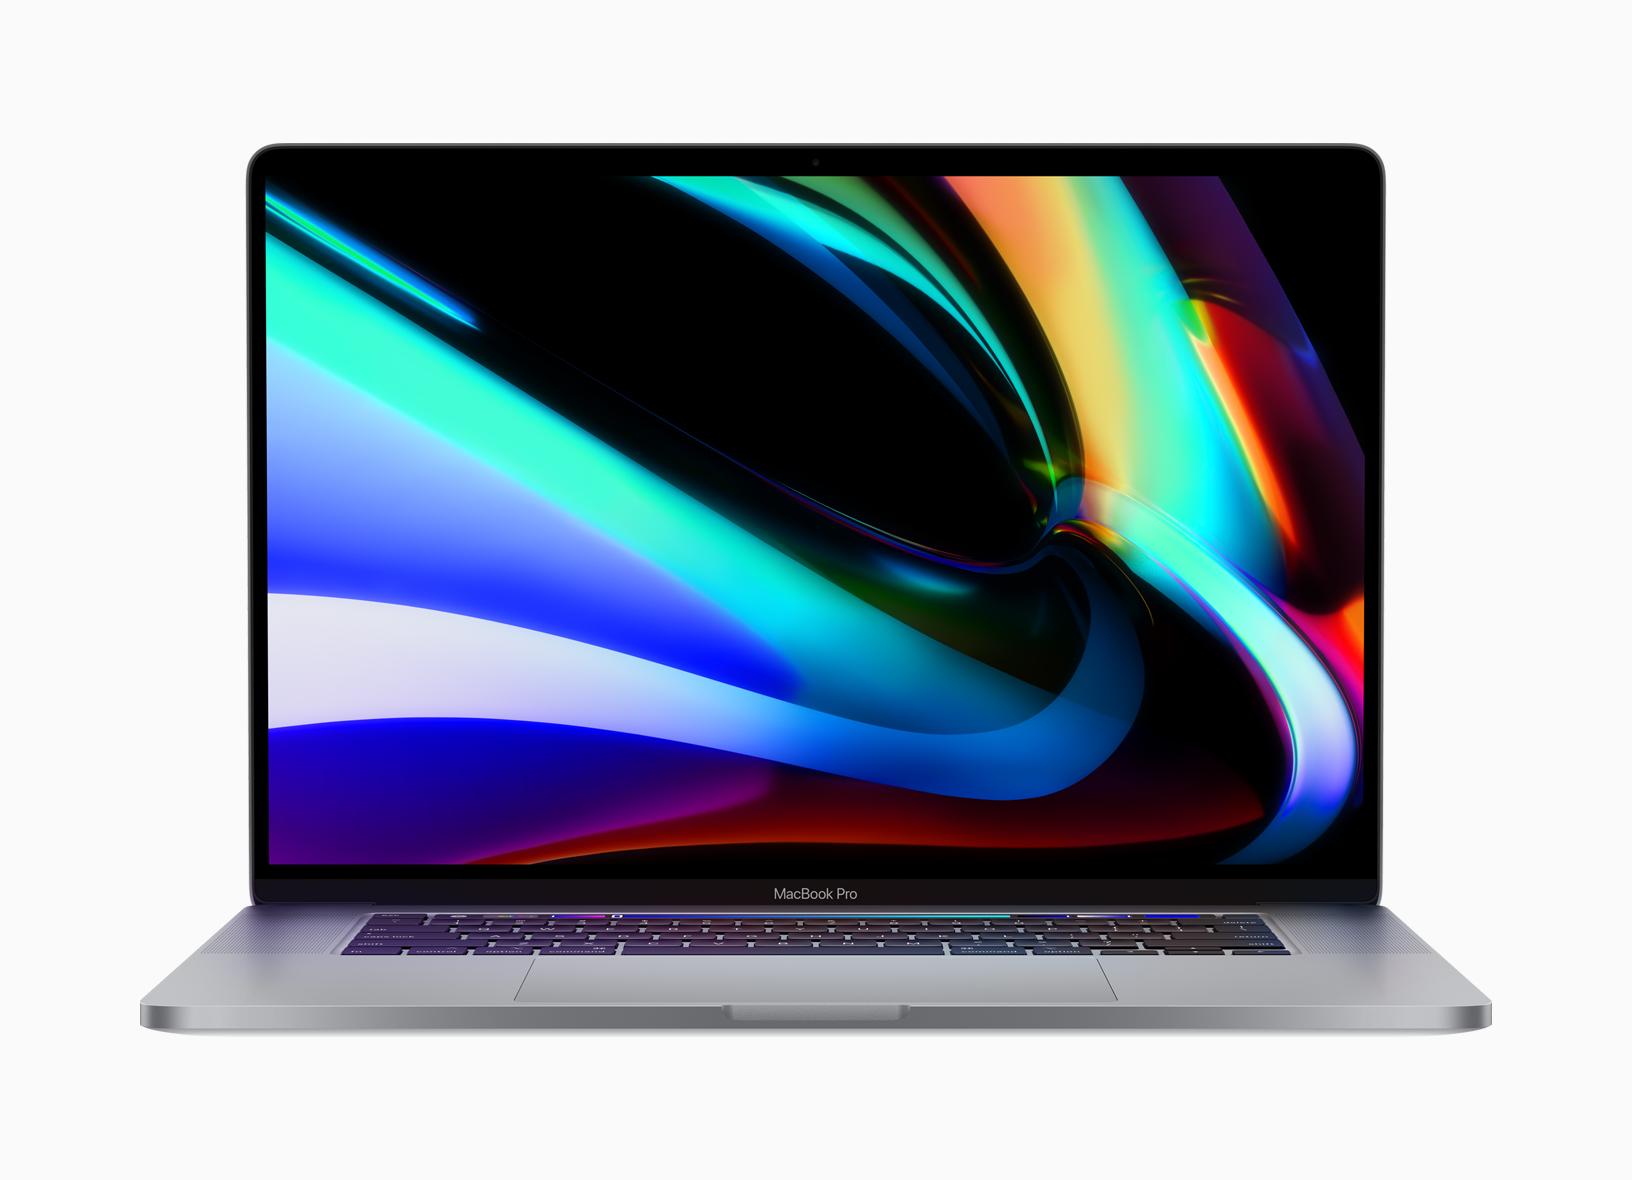 Appleがまったく新しい16インチのMacBook Proを発売